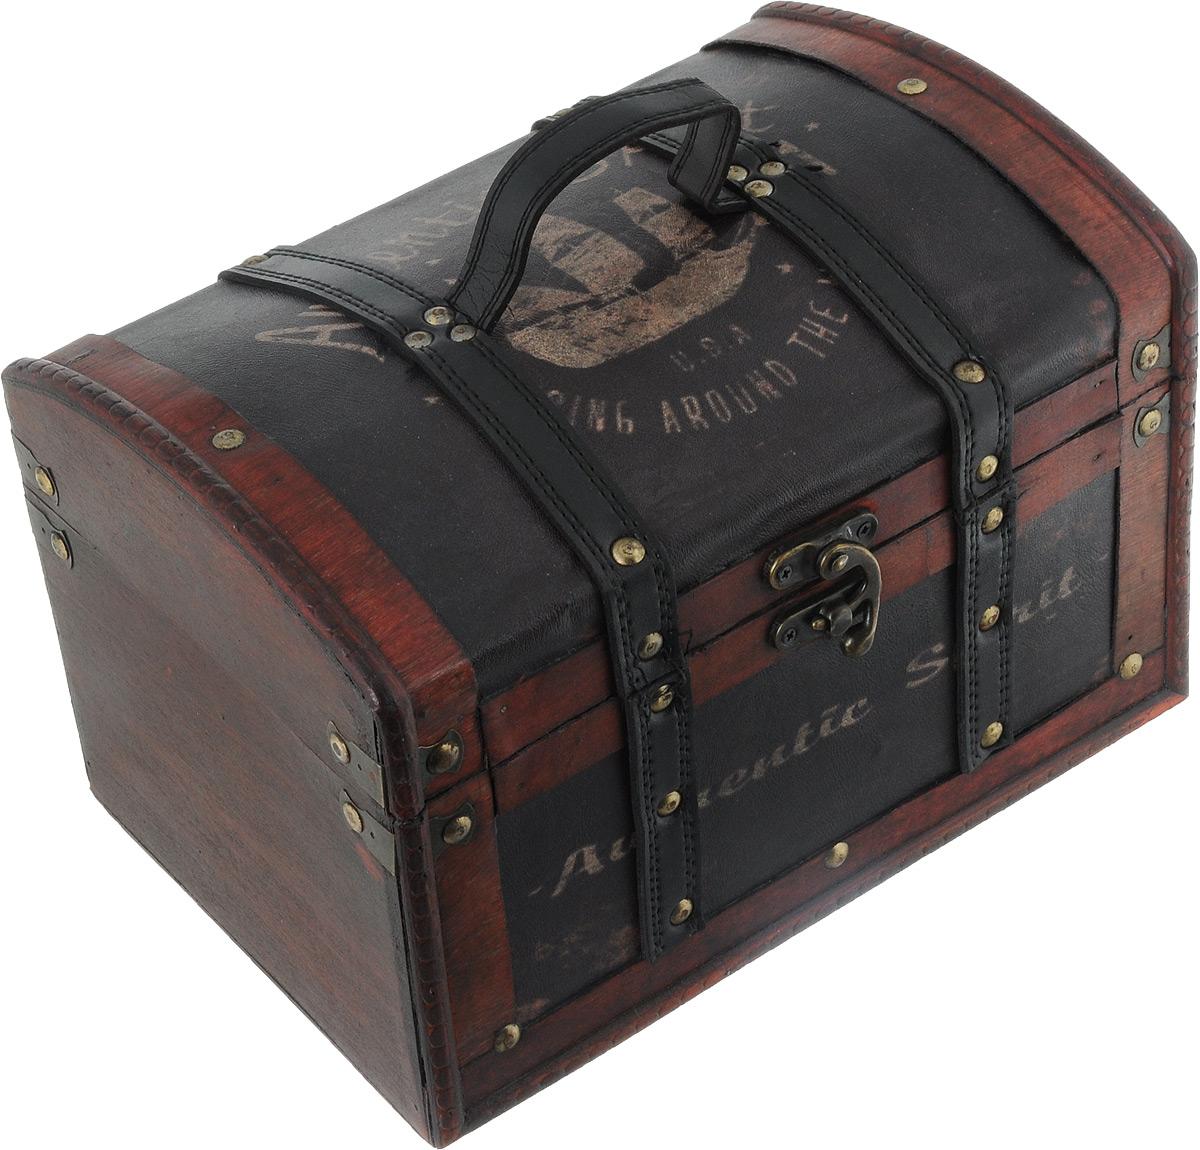 Шкатулка декоративная Bestex, 27,5 х 18,5 х 18,5 см7716740Декоративная шкатулка Bestex, выполненная из МДФ в виде старинного сундука, идеально подойдет для хранения бижутерии, принадлежностей для шитья, различных мелочей и безделушек. Изделие обтянуто искусственной кожей с принтом, дополнено металлическими элементами и кожаными вставками. Шкатулка закрывается на металлический курковый замок. Для переноски предусмотрена ручка. Такая шкатулка станет отличным подарком человеку, ценящему необычные и стильные аксессуары.